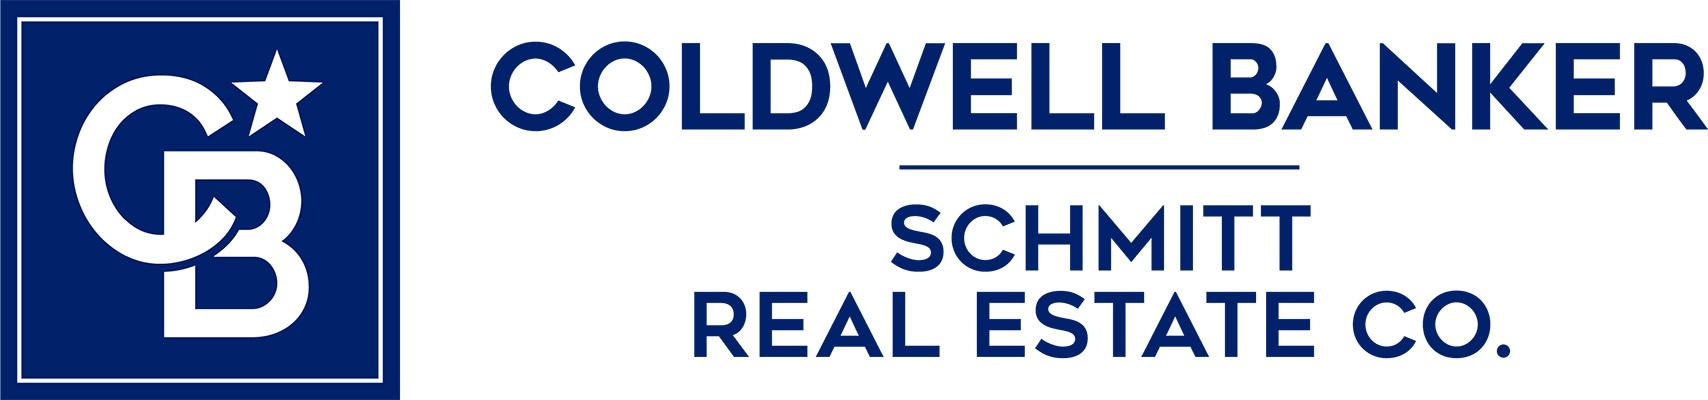 Banks Prevatt - Coldwell Banker Logo